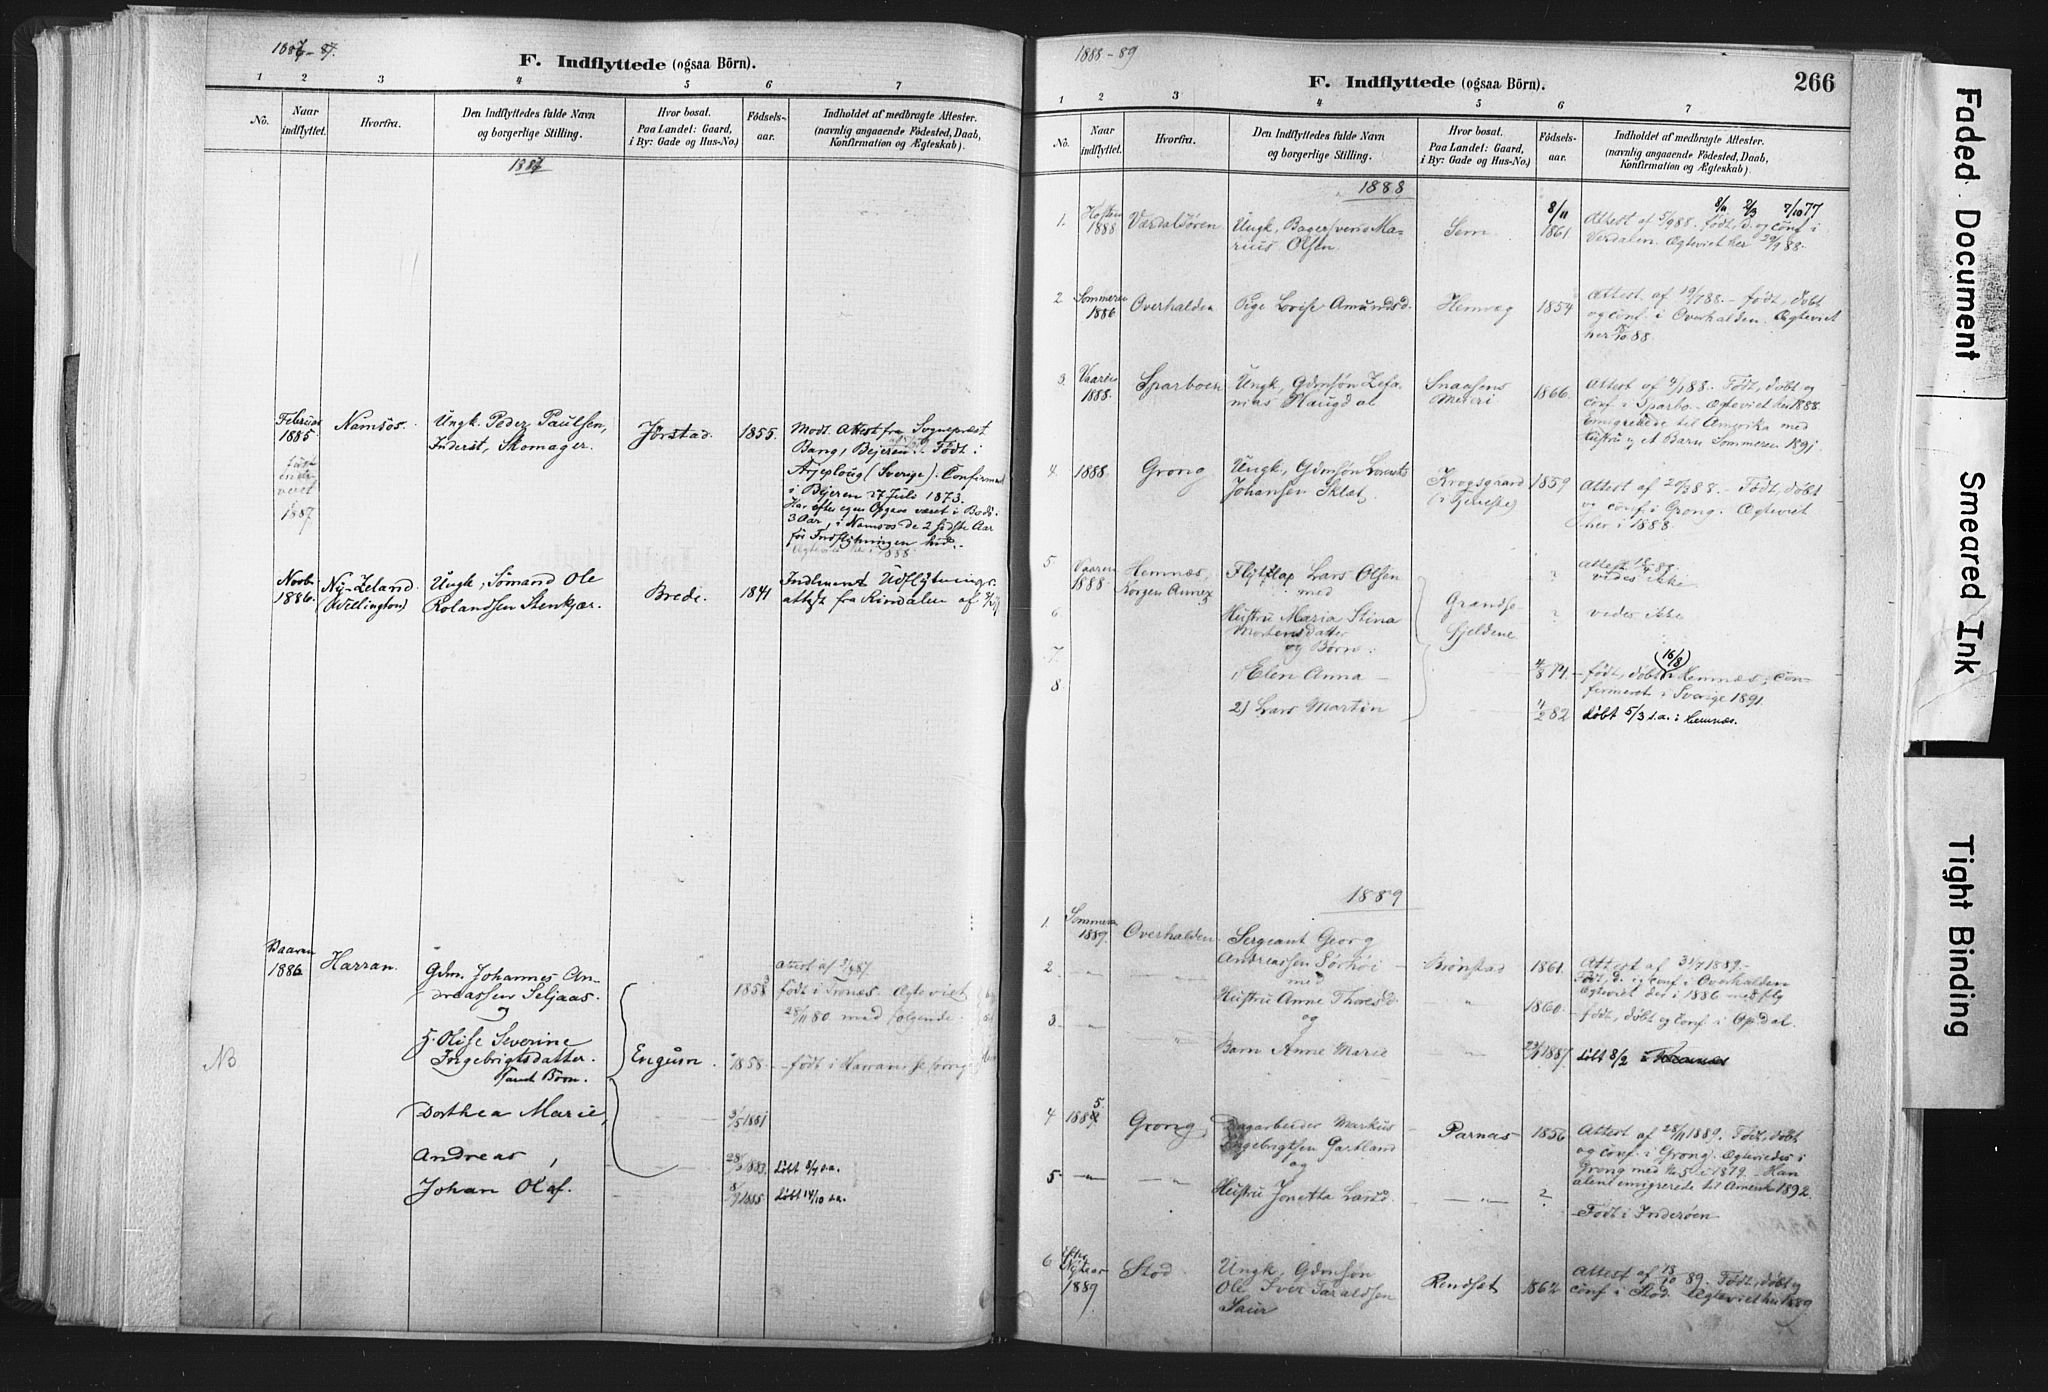 SAT, Ministerialprotokoller, klokkerbøker og fødselsregistre - Nord-Trøndelag, 749/L0474: Ministerialbok nr. 749A08, 1887-1903, s. 266